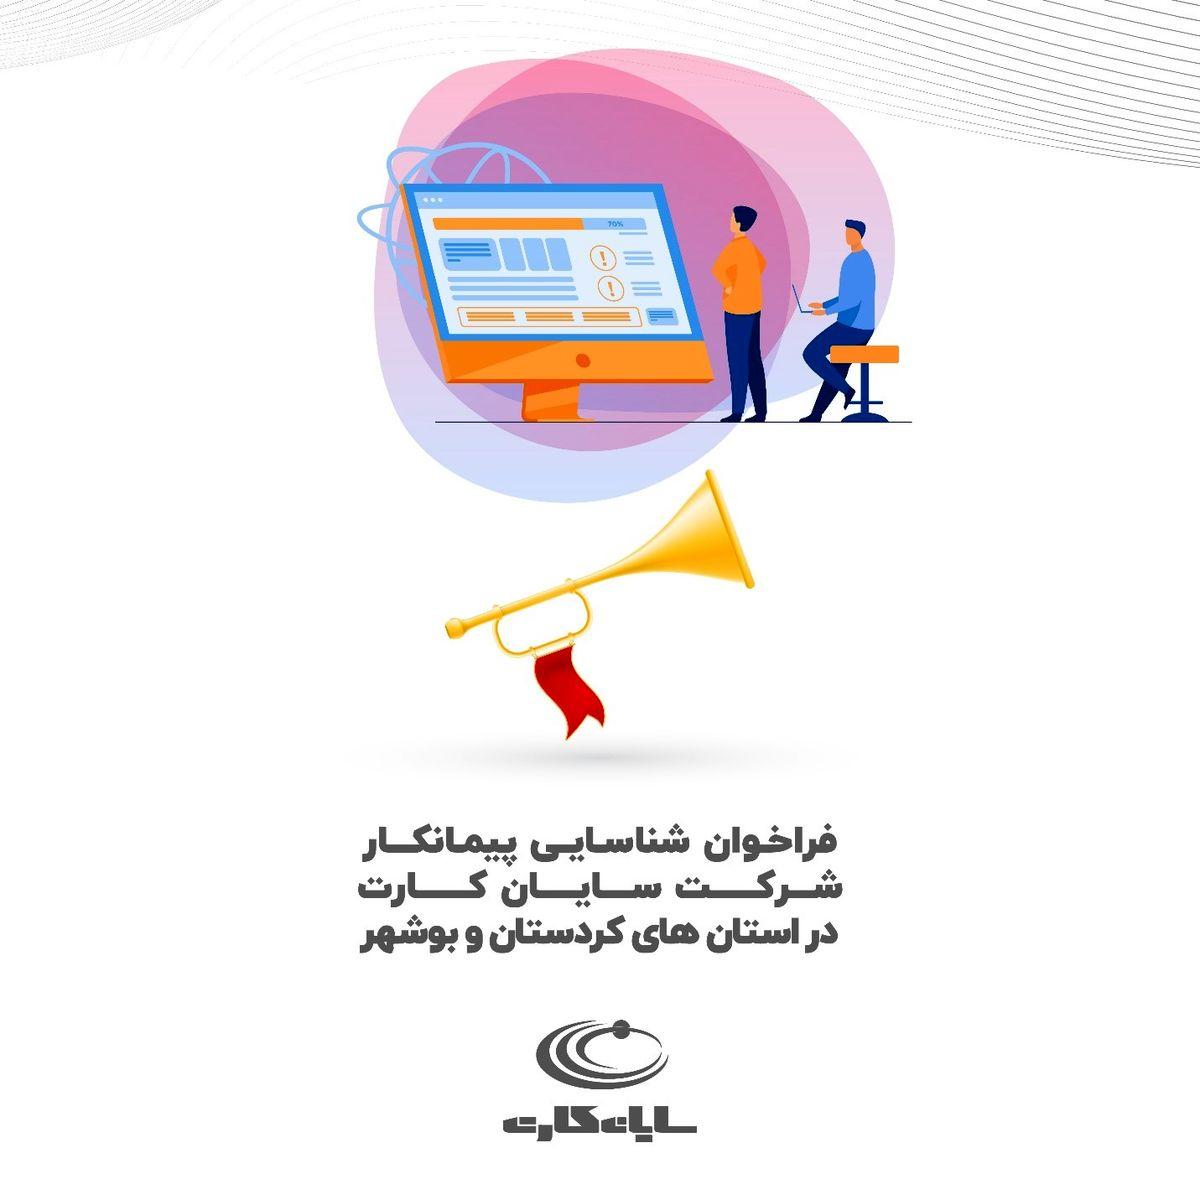 فراخوان شناسایی پیمانکار شرکت سایان کارت در استانهای کردستان و بوشهر